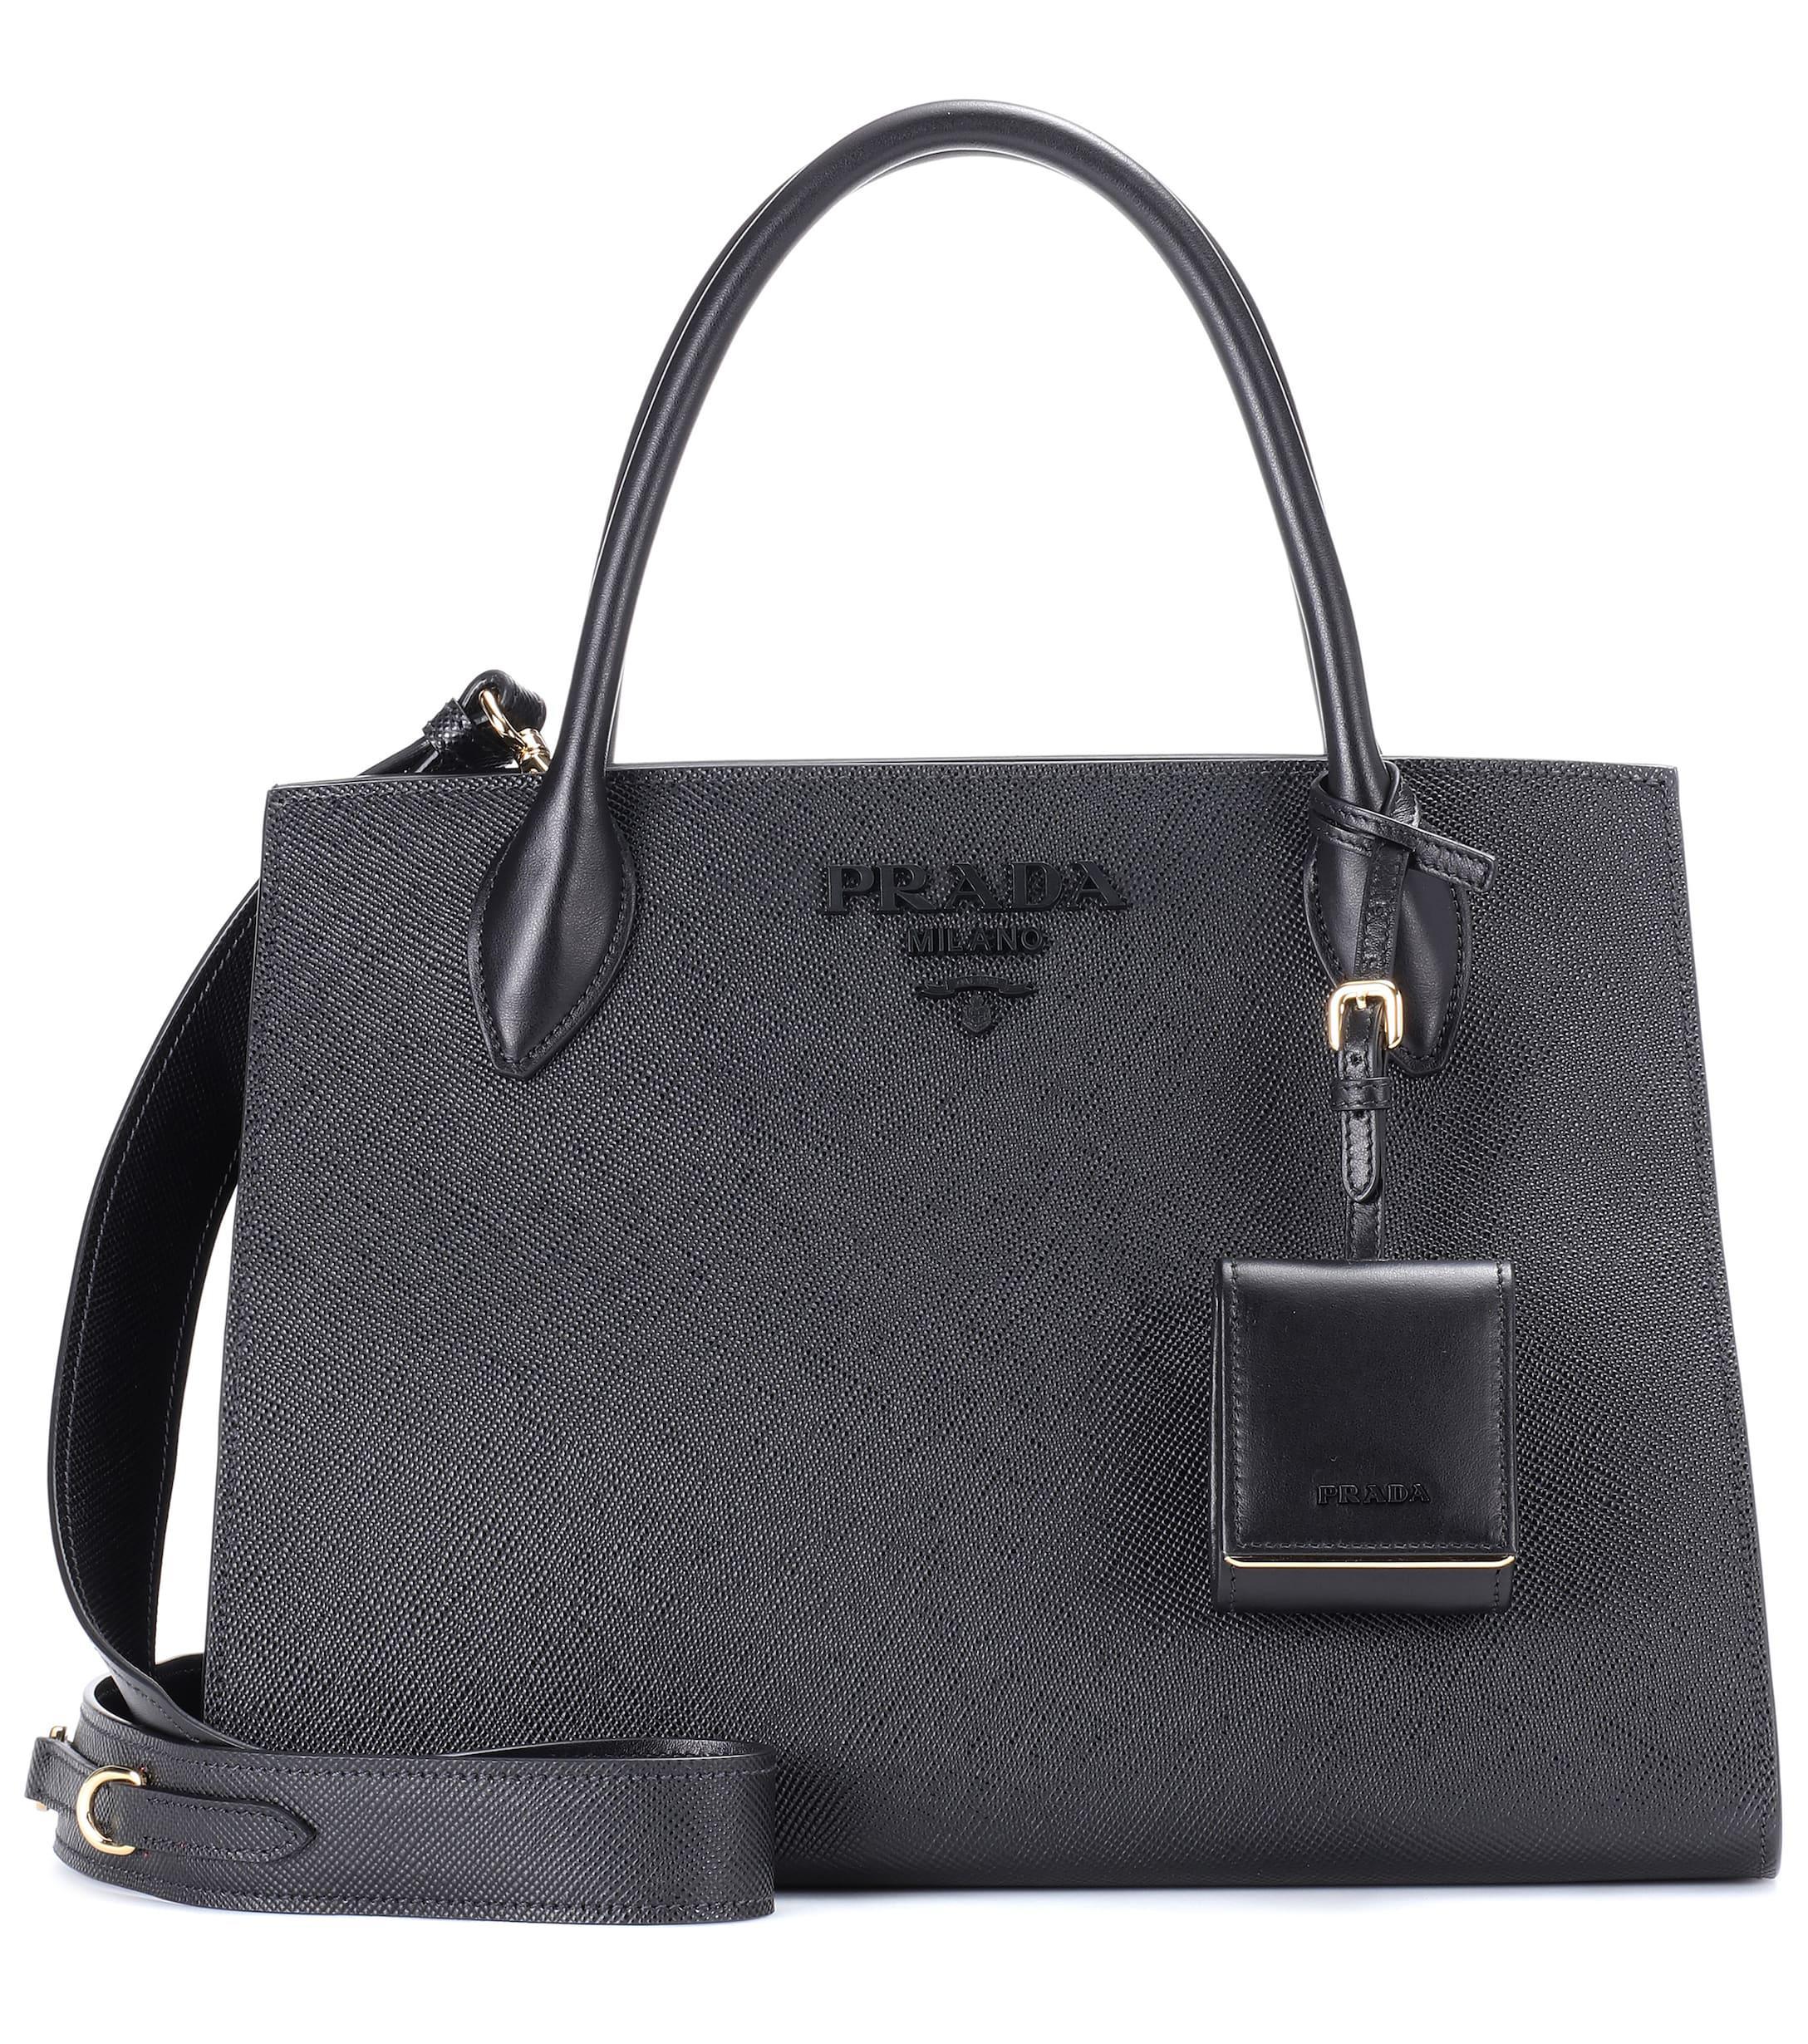 27ce9ad1e1b4 Lyst - Prada Saffiano Leather Tote in Black